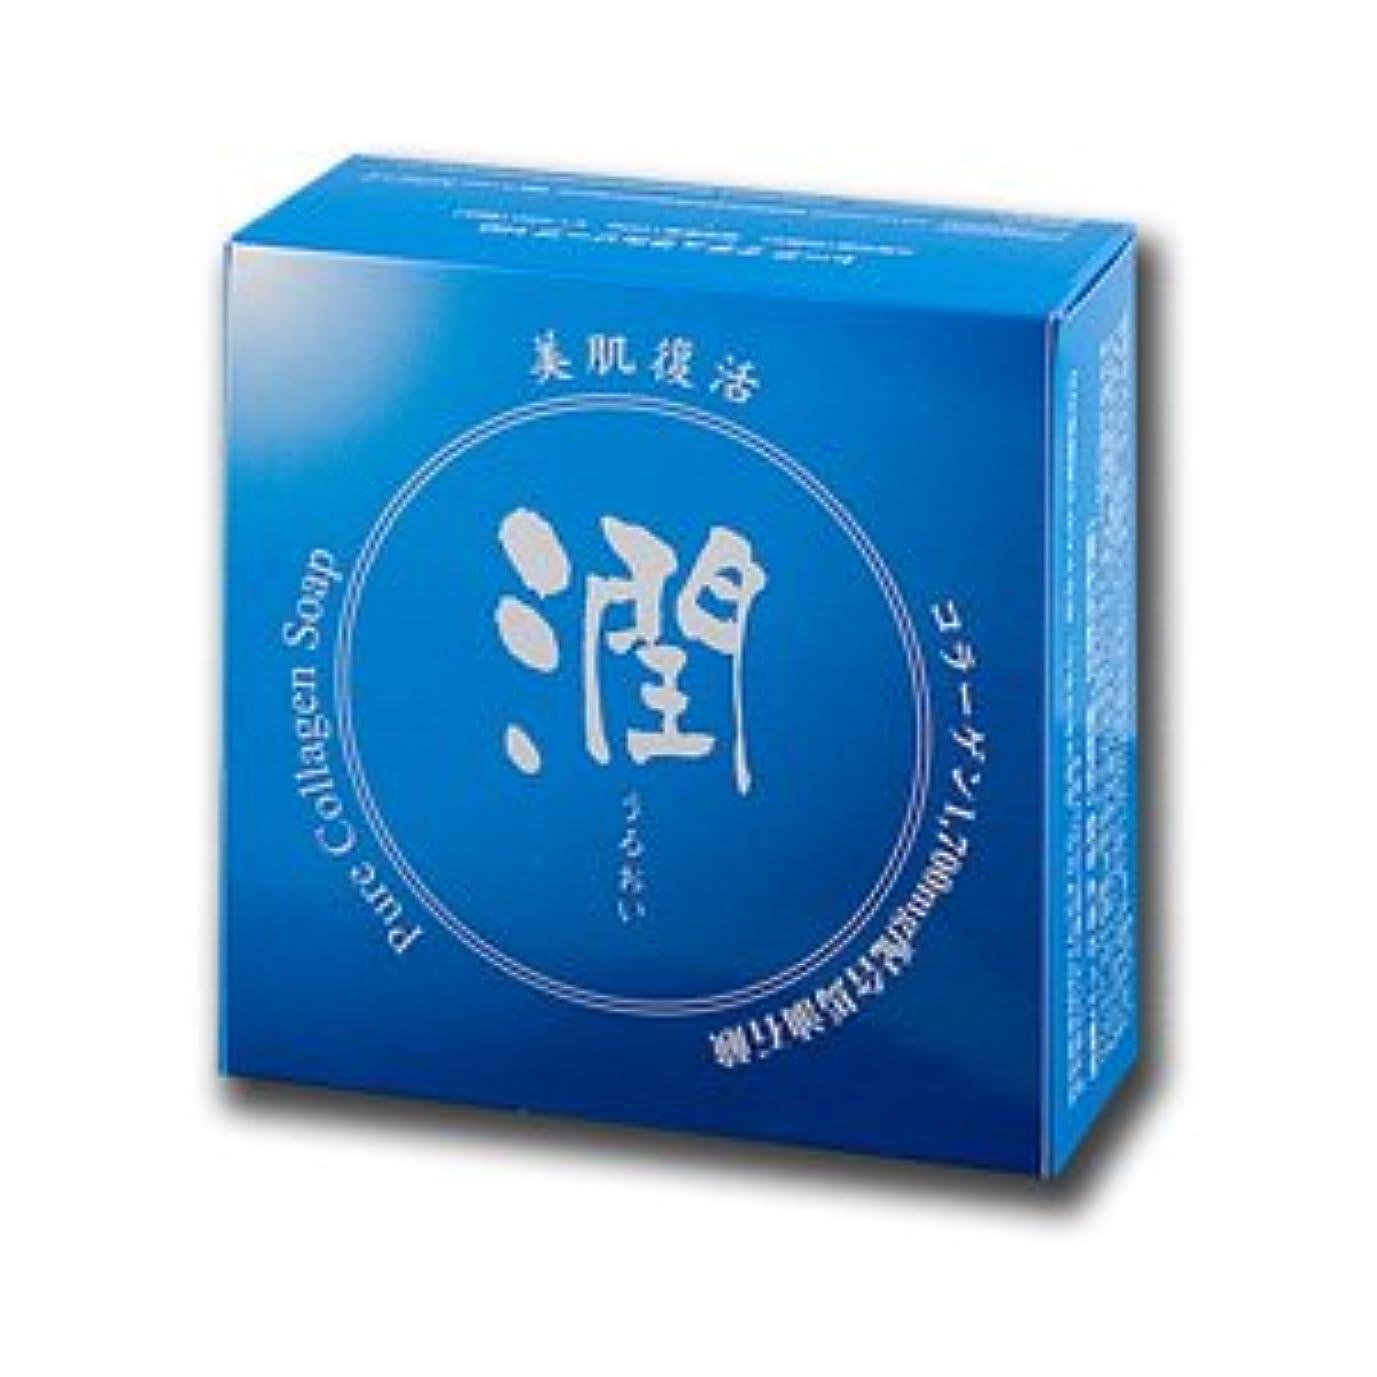 ファランクスアーティスト月曜日コラーゲン馬油石鹸 潤 100g (#800410) ×5個セット